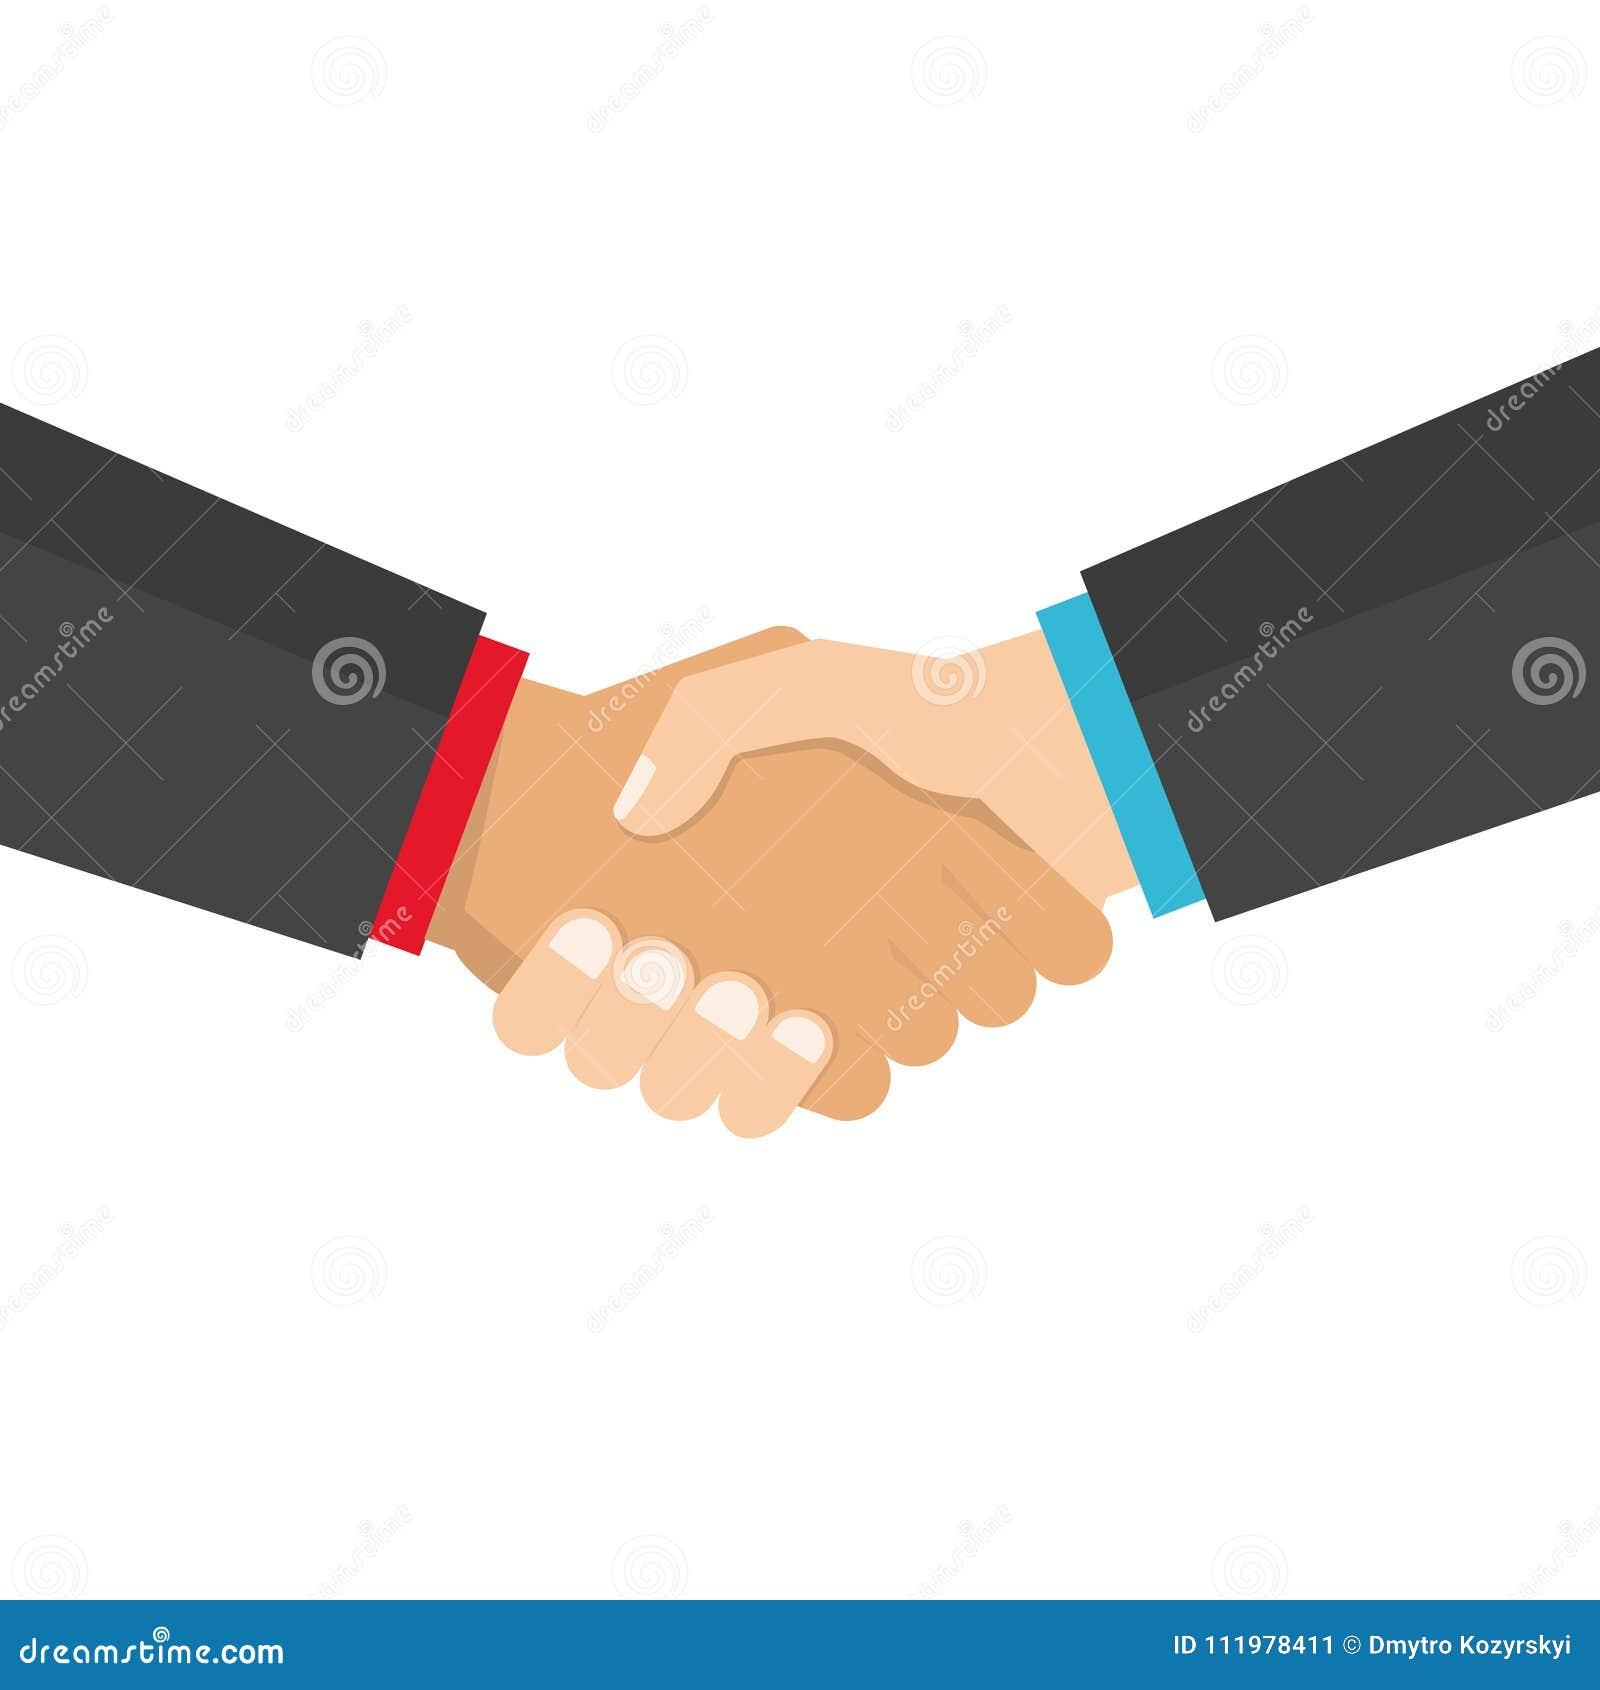 Ejemplo del vector del negocio del apretón de manos, símbolo del trato del éxito, acuerdo, buen trato, sociedad feliz, saludando